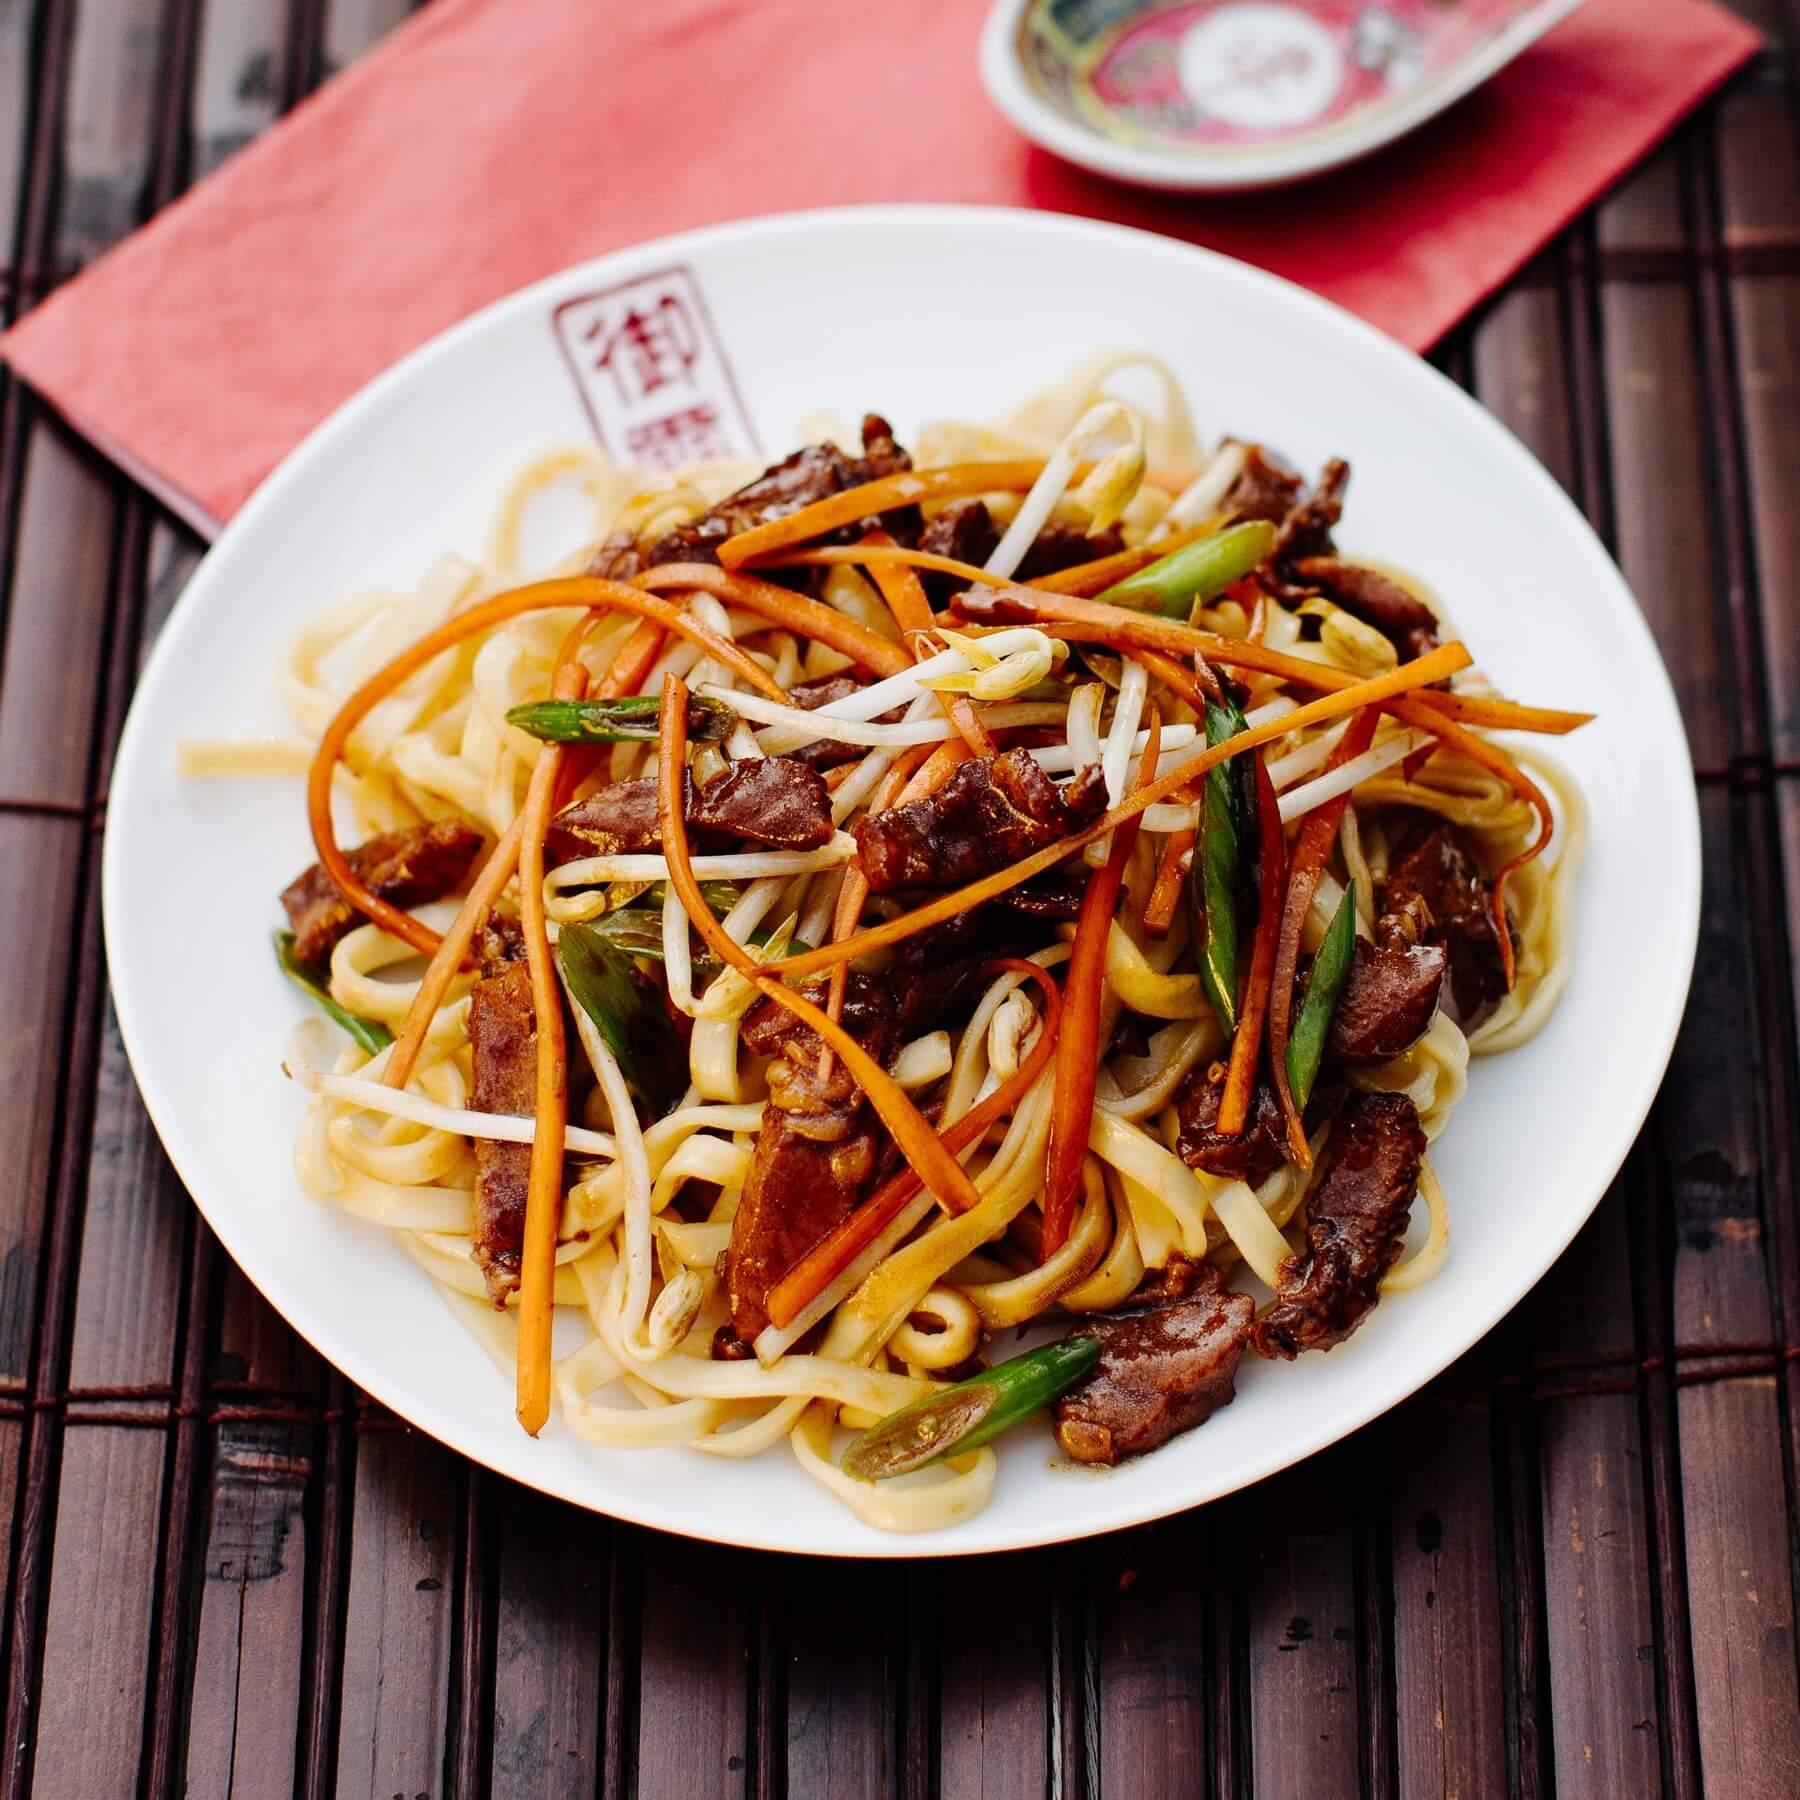 Gebratene Nudeln aus dem Wok mit Schweinefleisch - Zhu Rou Chao Mian